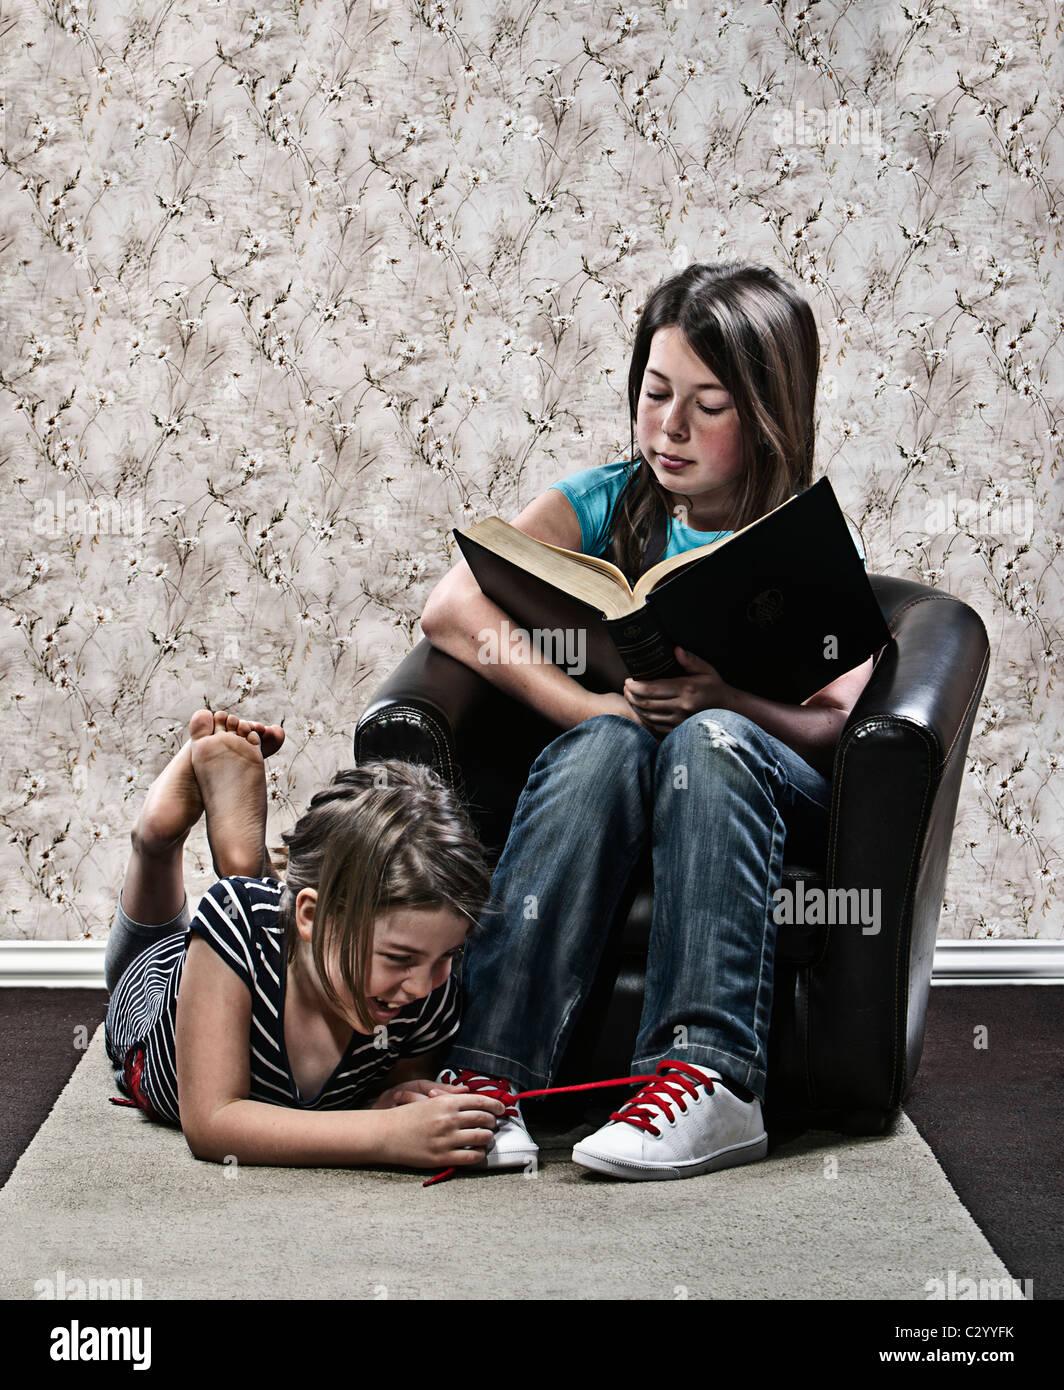 Mädchen, die Schnürsenkel der Schwester zu binden, während sie ein Buch liest Stockbild